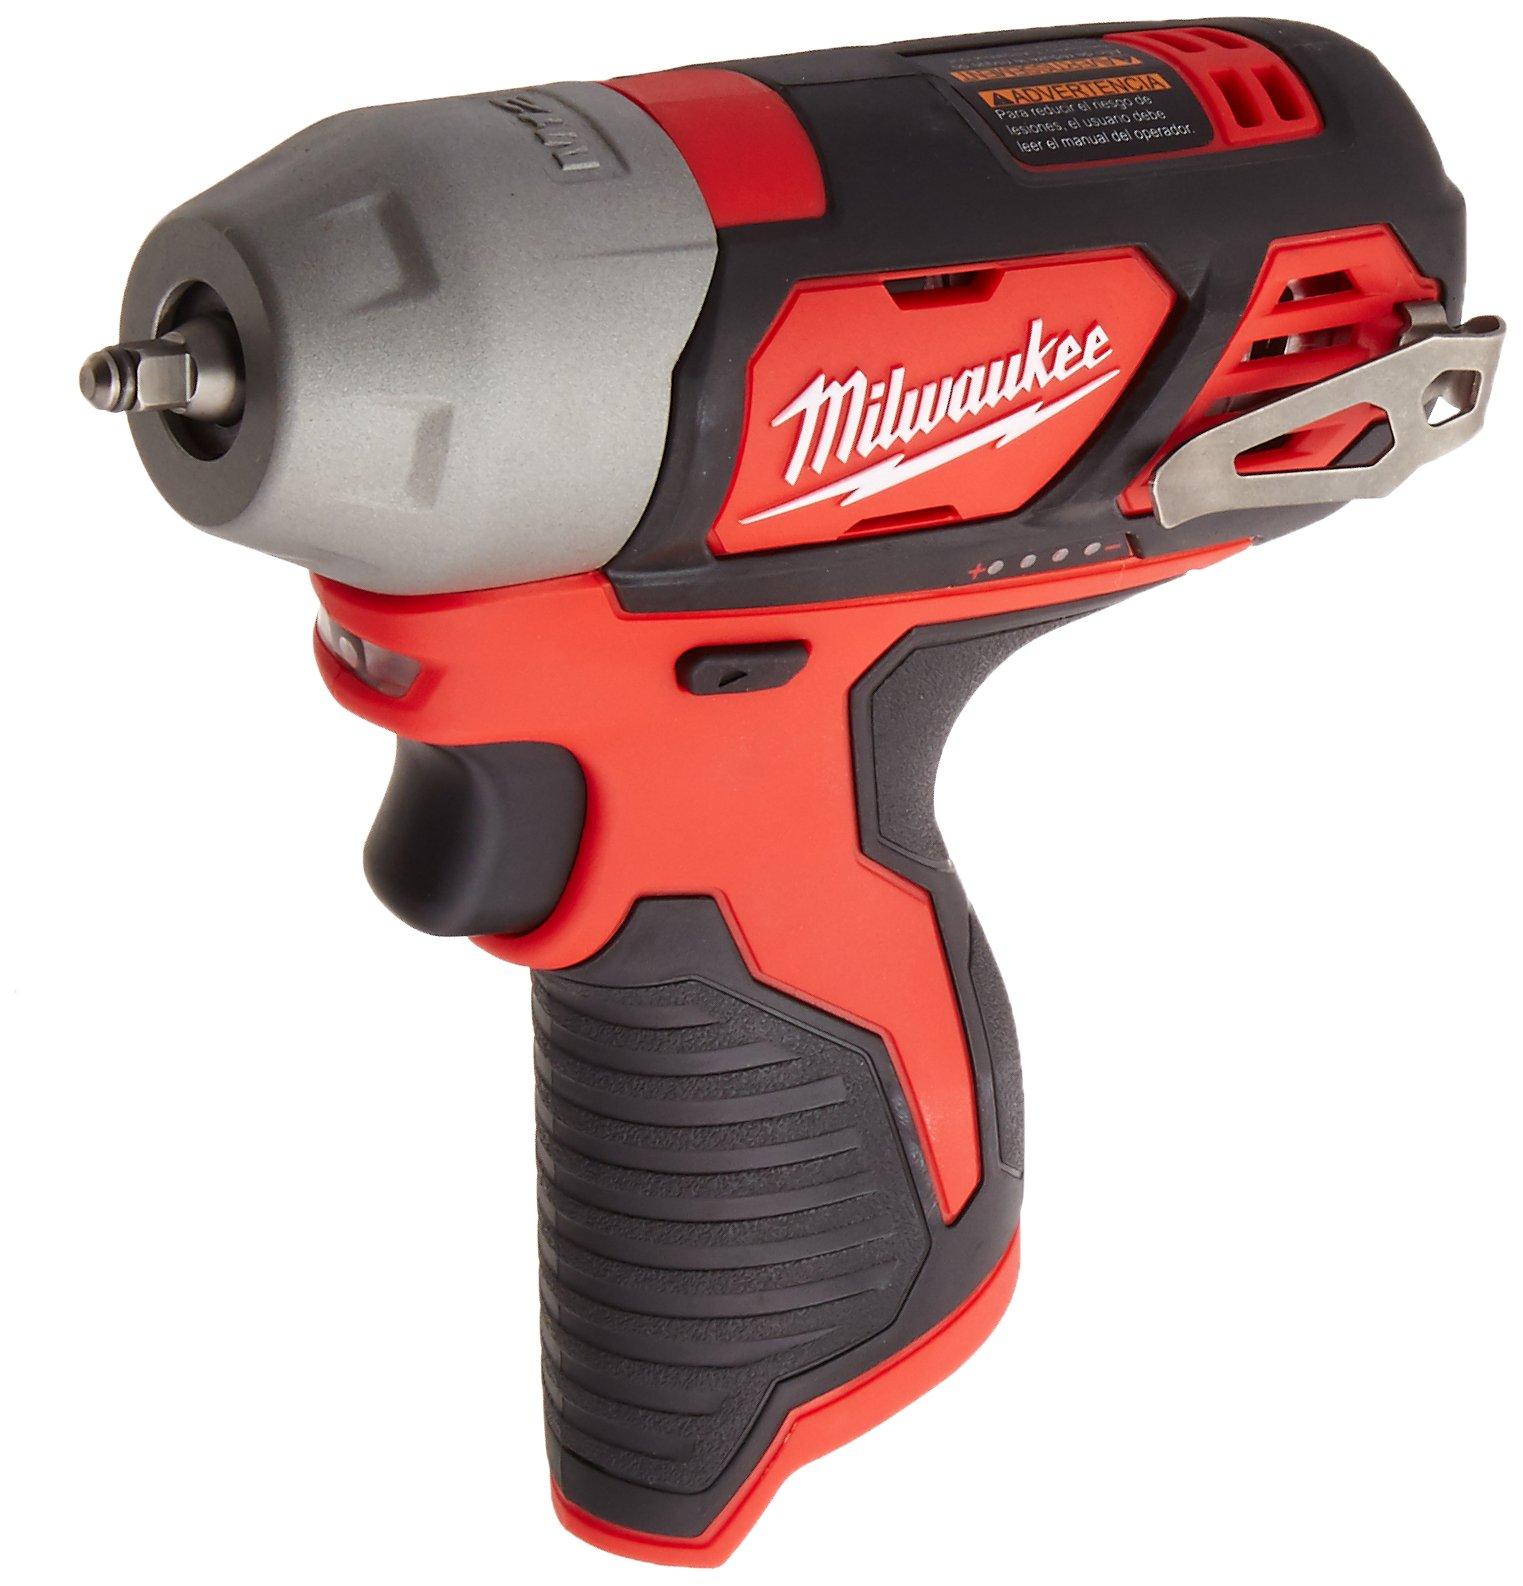 Milwaukee 2461-20 M12 1/4 Impact Wrench - Bare